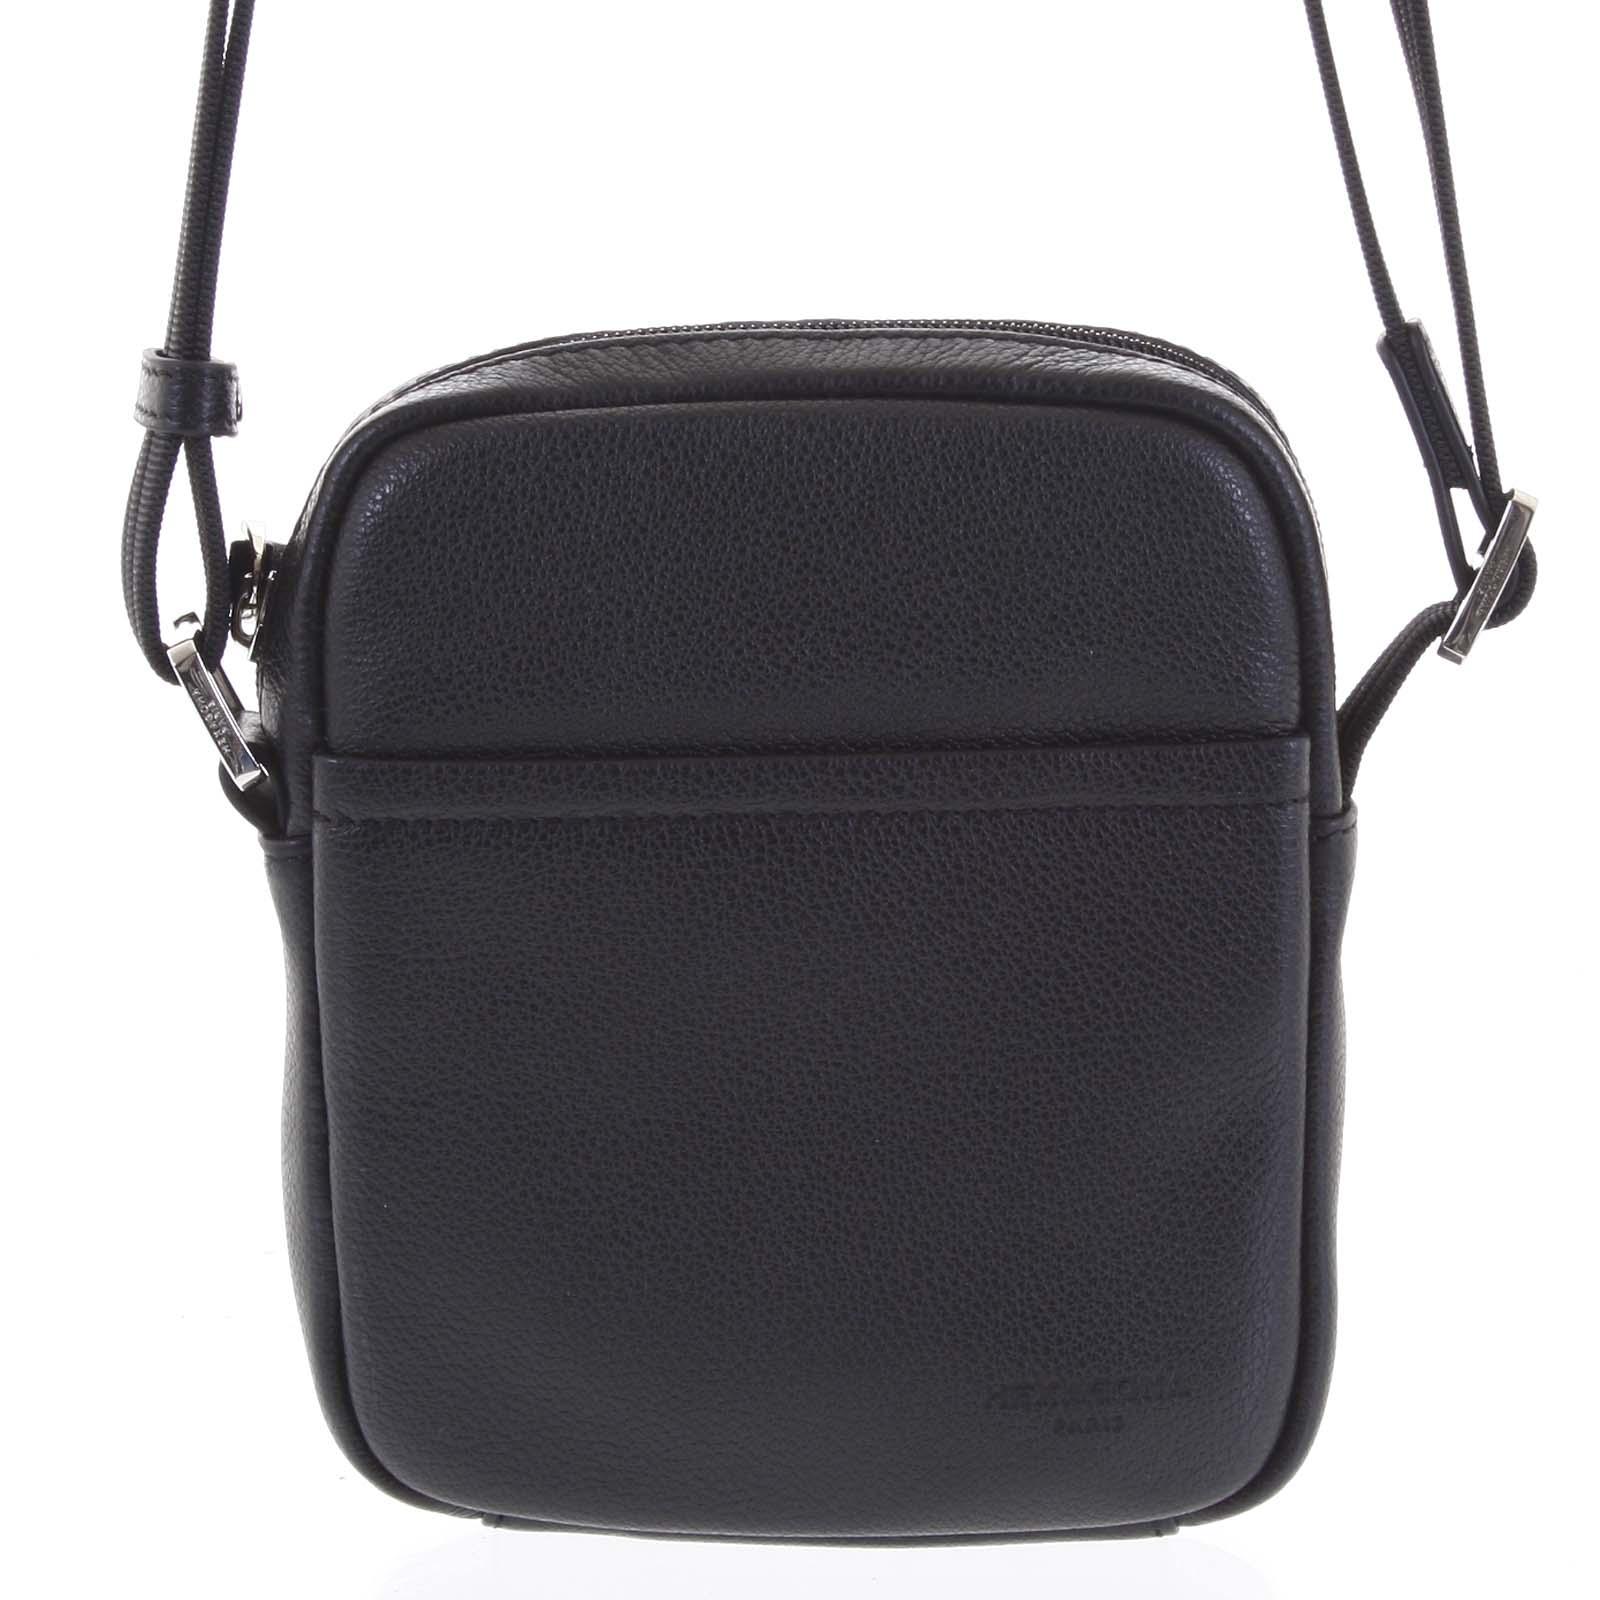 Pánská kožená taška na doklady černá - Hexagona Wednesday